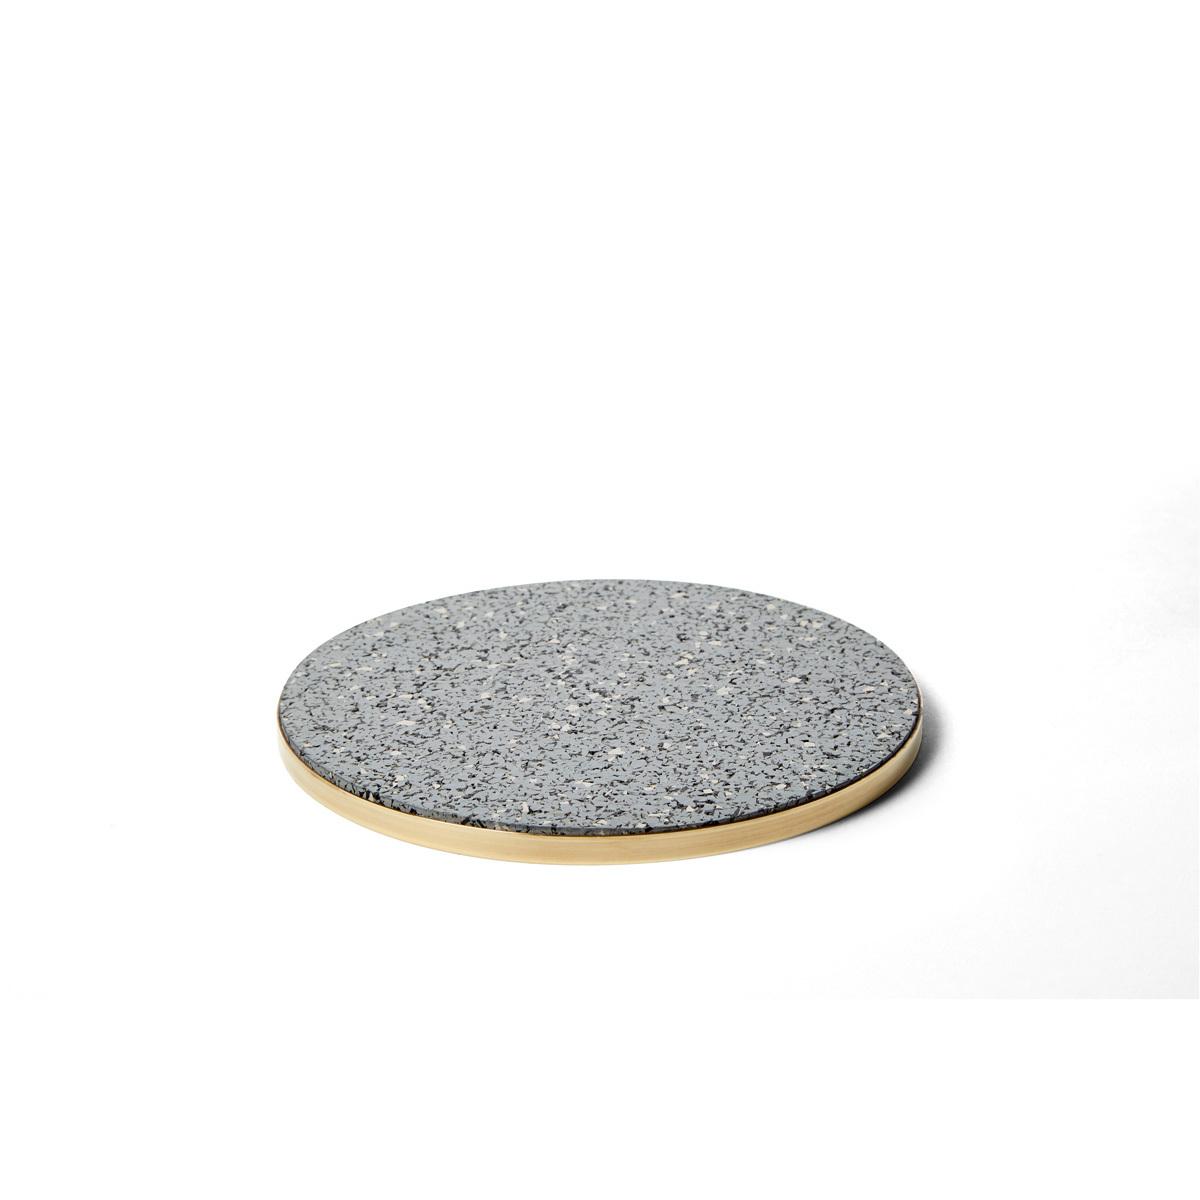 Brass rubber trivet gris slash objects web